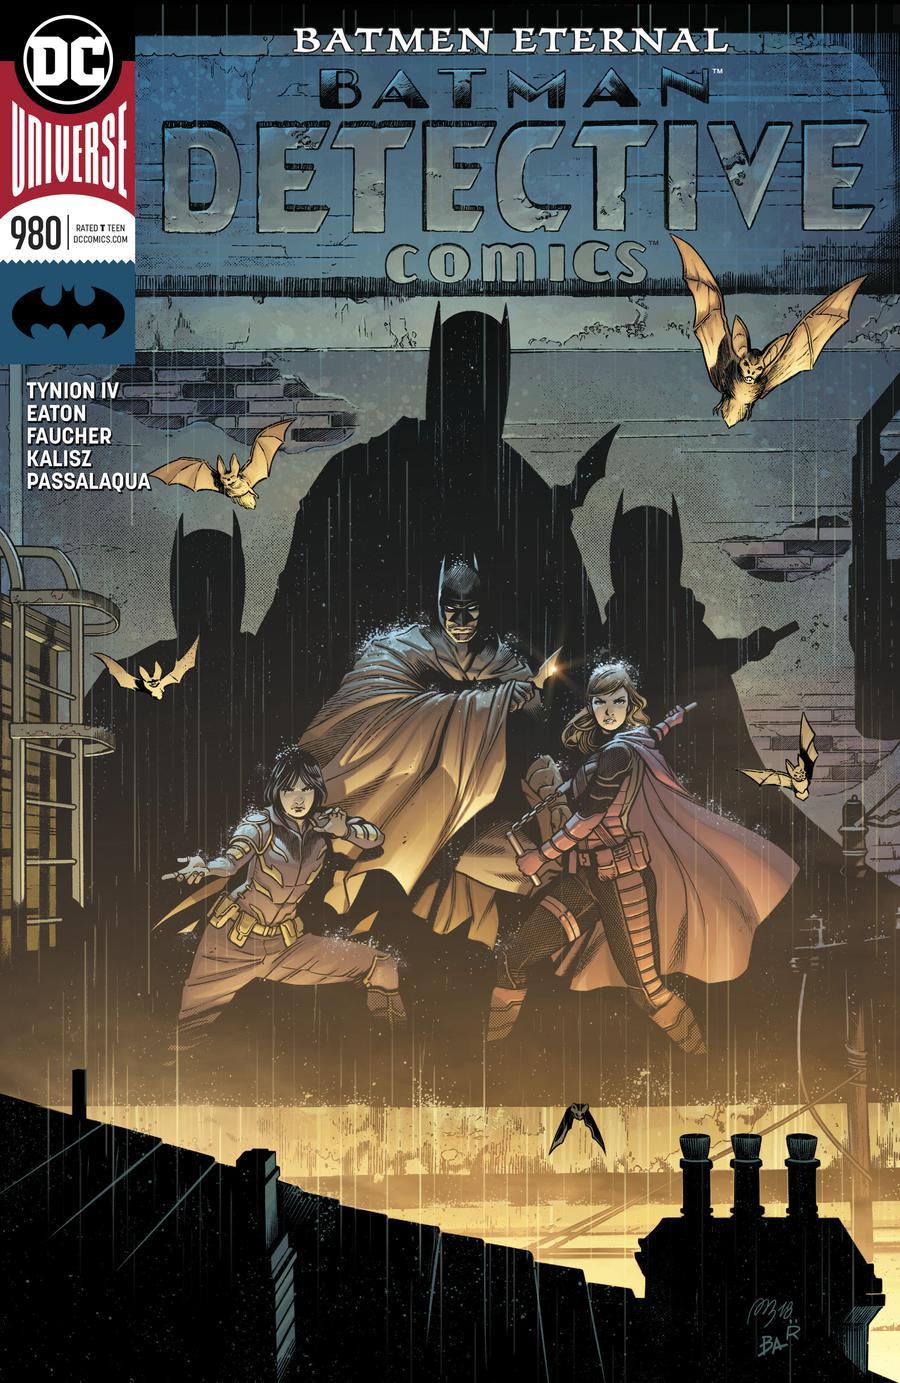 Detective Comics Vol 2 #980 Cover A Regular Alvaro Martinez & Raul Fernandez Cover